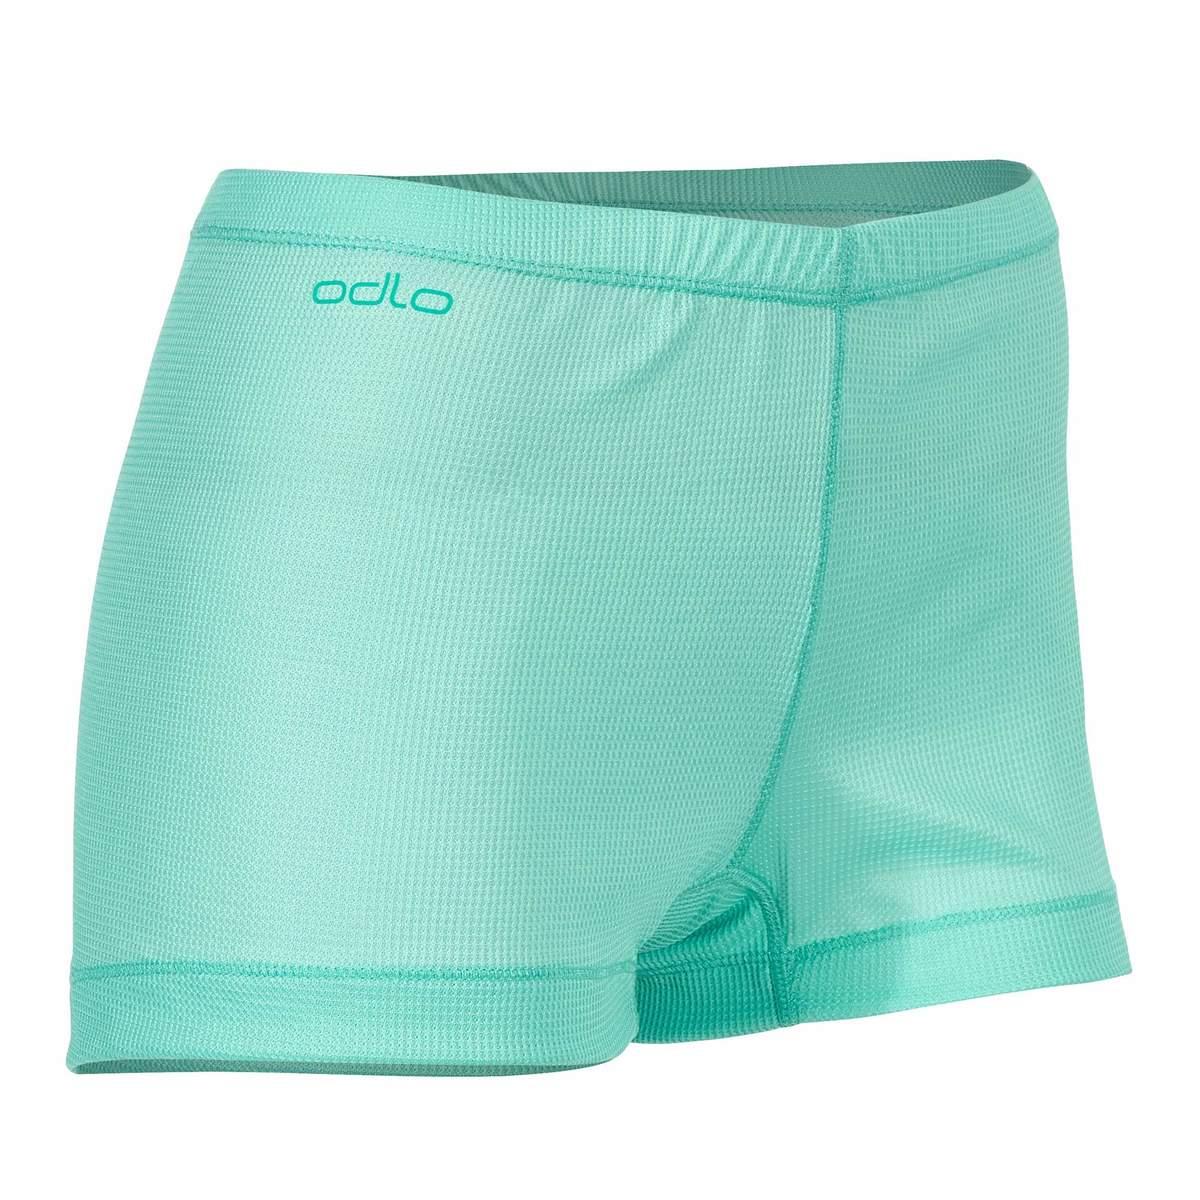 Bild 1 von Odlo Light Cubic Panty Frauen - Funktionsunterwäsche